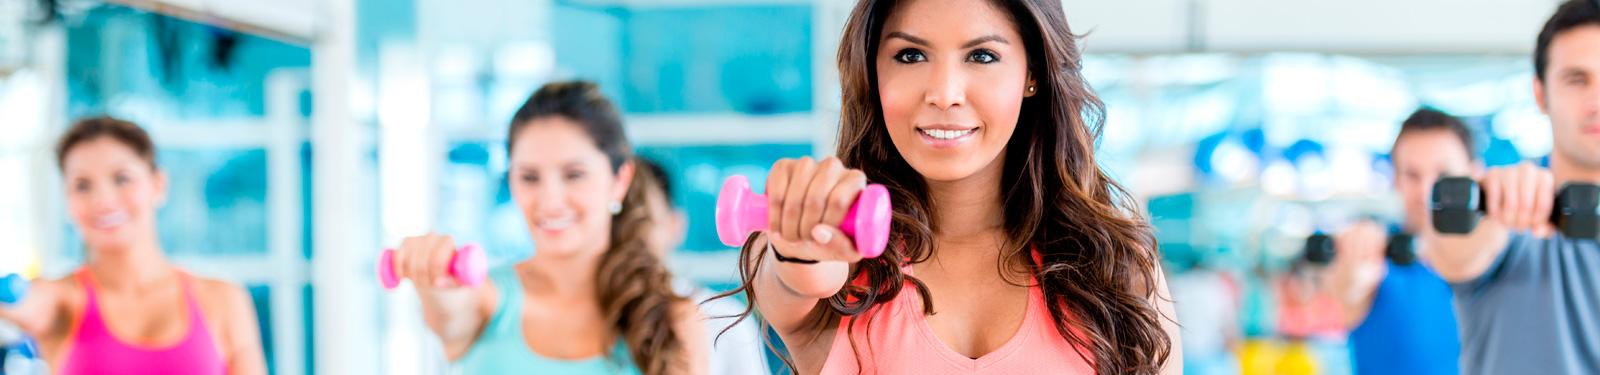 evita la acumulacion de grasa